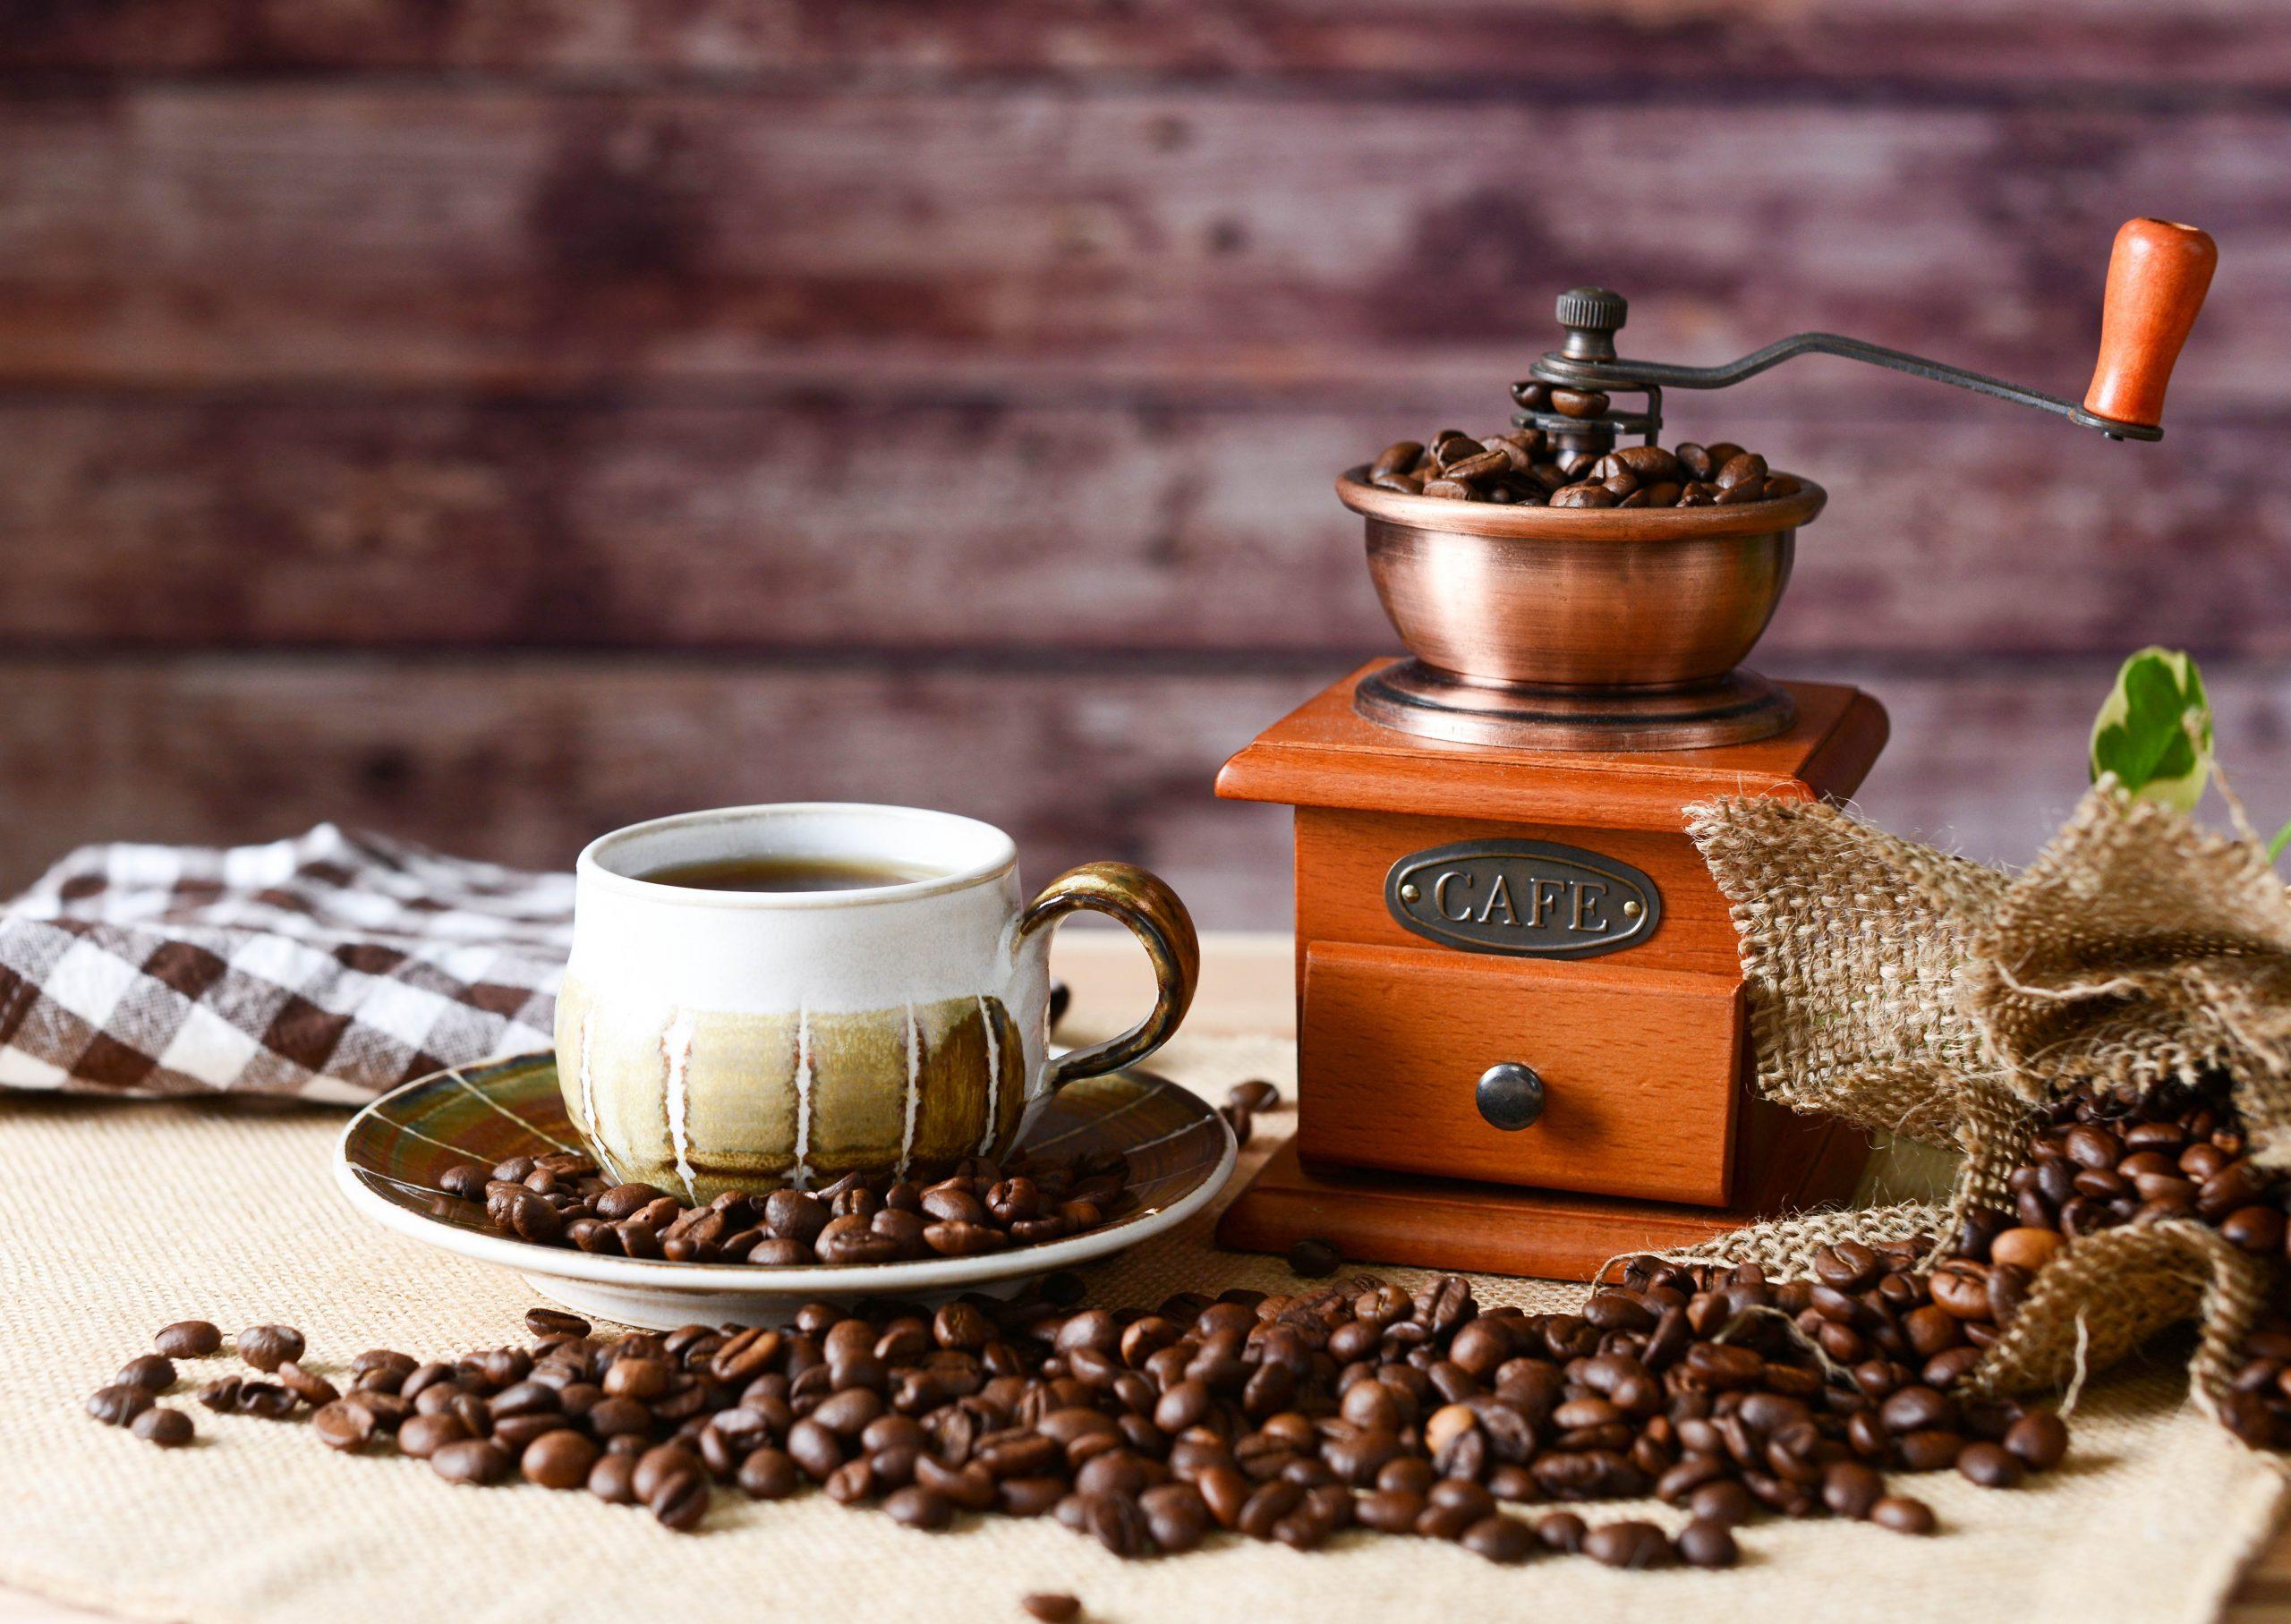 父の日にお父さんやお義父さんに贈るおすすめのプレゼント選びのポイントはコーヒーや紅茶・日本茶などお酒以外の飲み物が好きなお父さんにはドリンクのプレゼントを選ぶことです。